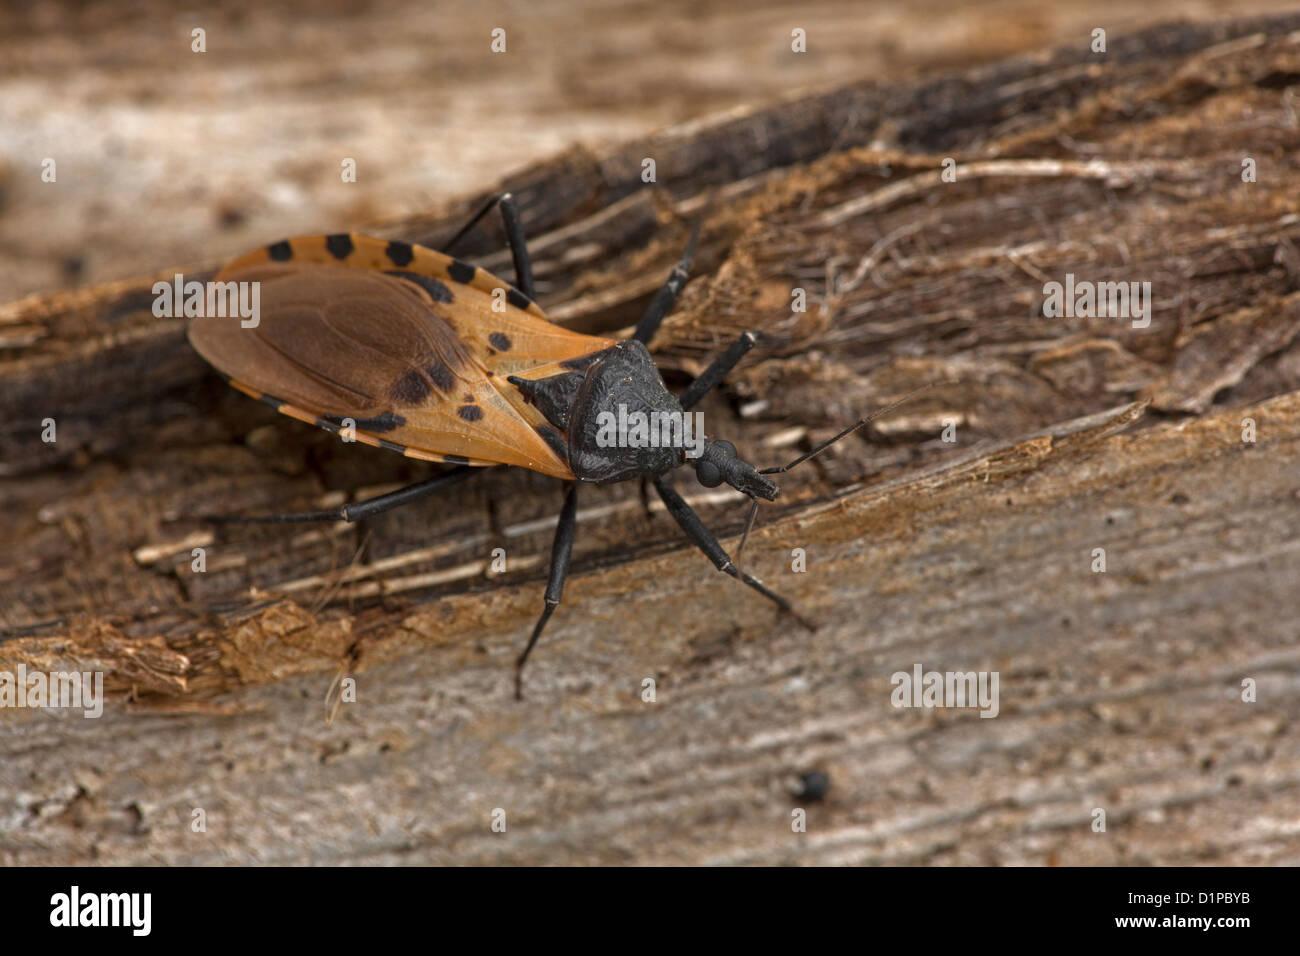 Chupo el Triatoma dimidiata,los principales vectores de Trypanosoma cruzi en Costa Rica, transmite la enfermedad Imagen De Stock